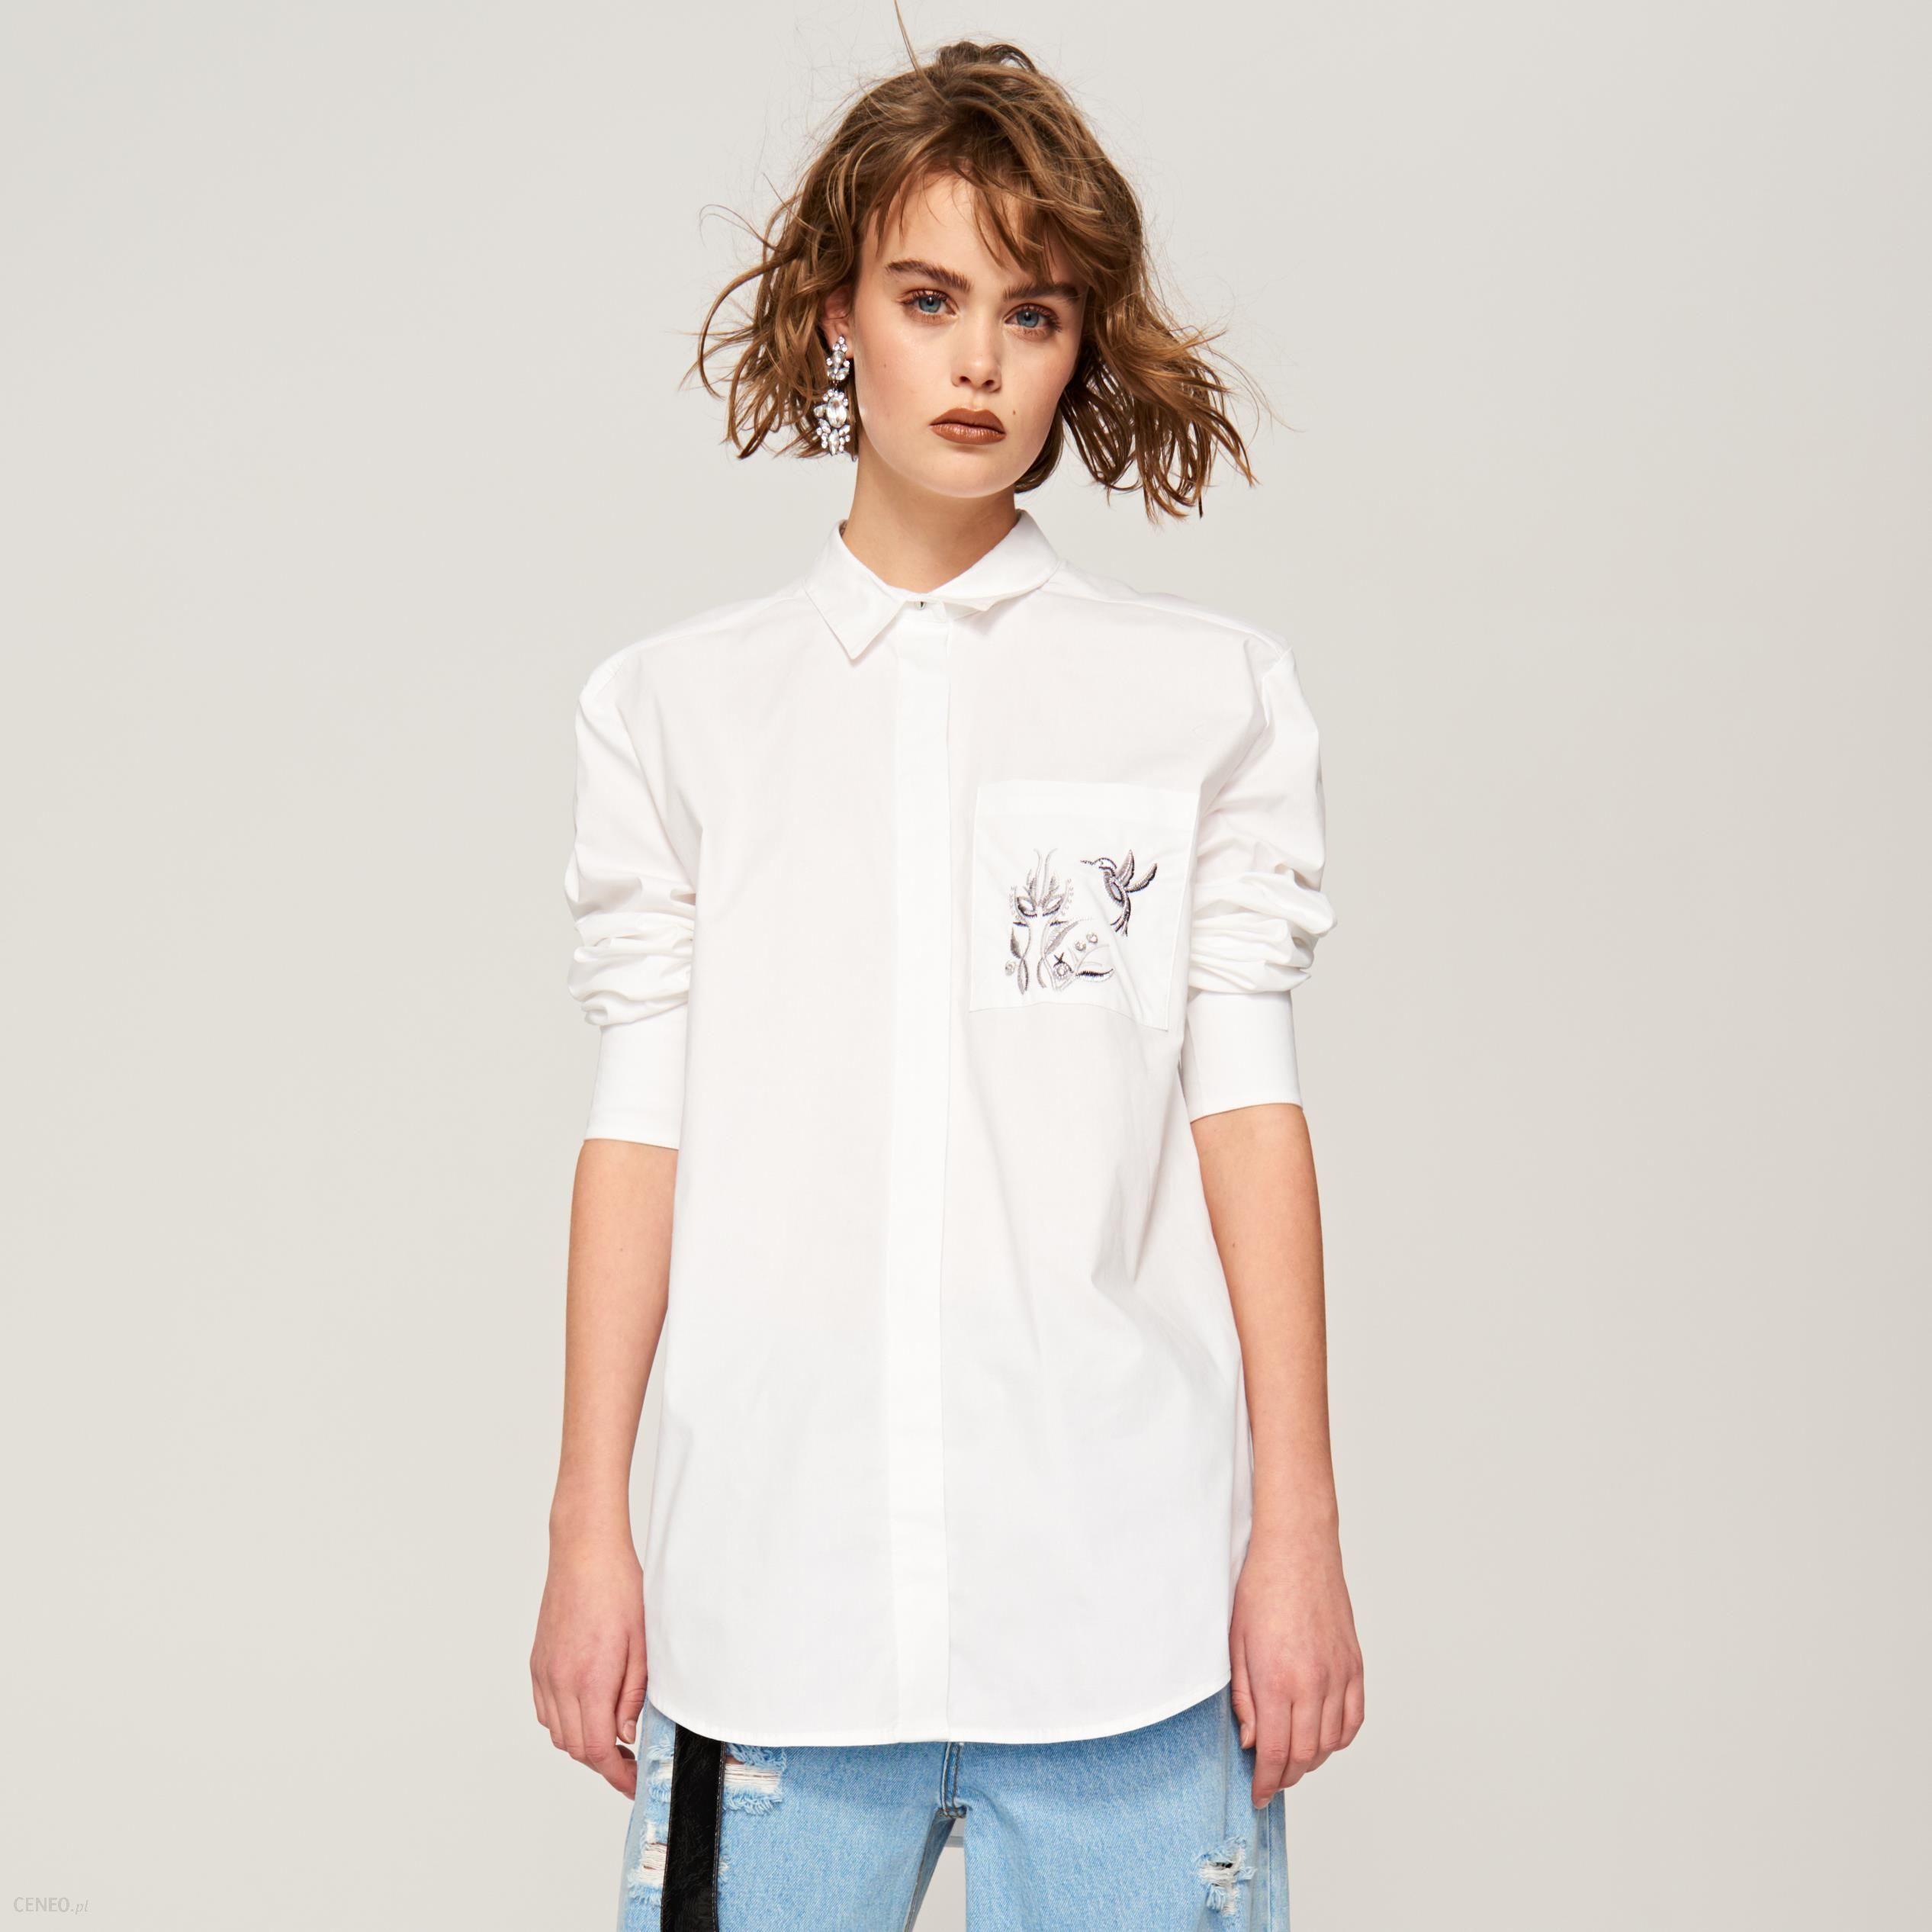 Reserved Koszula z ozdobną kieszonką Biały Ceny i  oN261